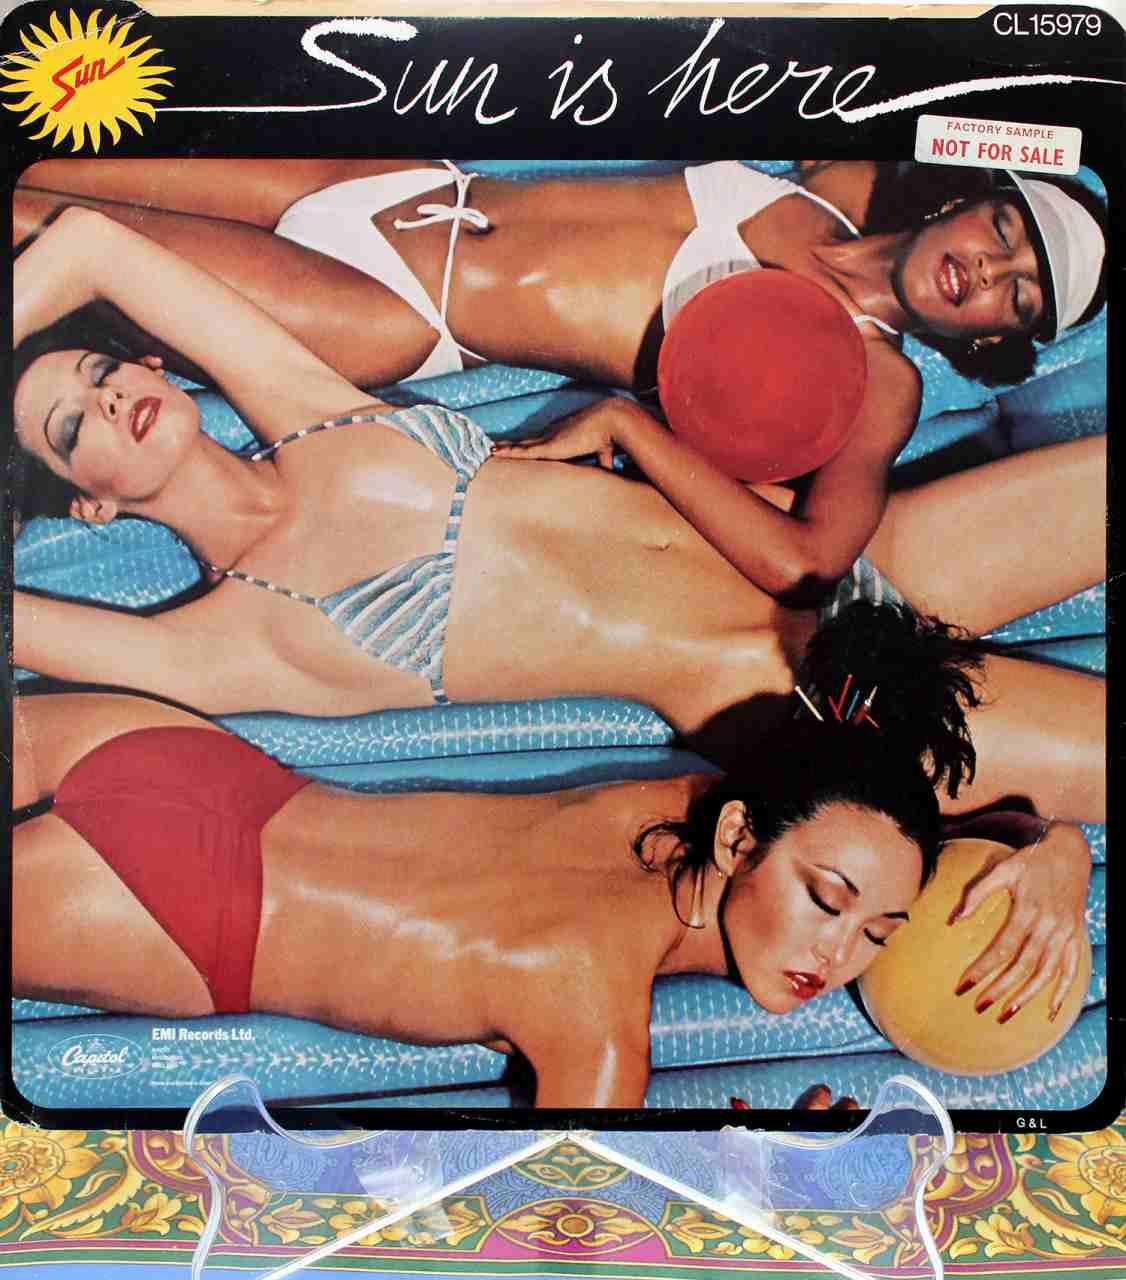 Sun - Dance (Do What You Wanna Do) 03